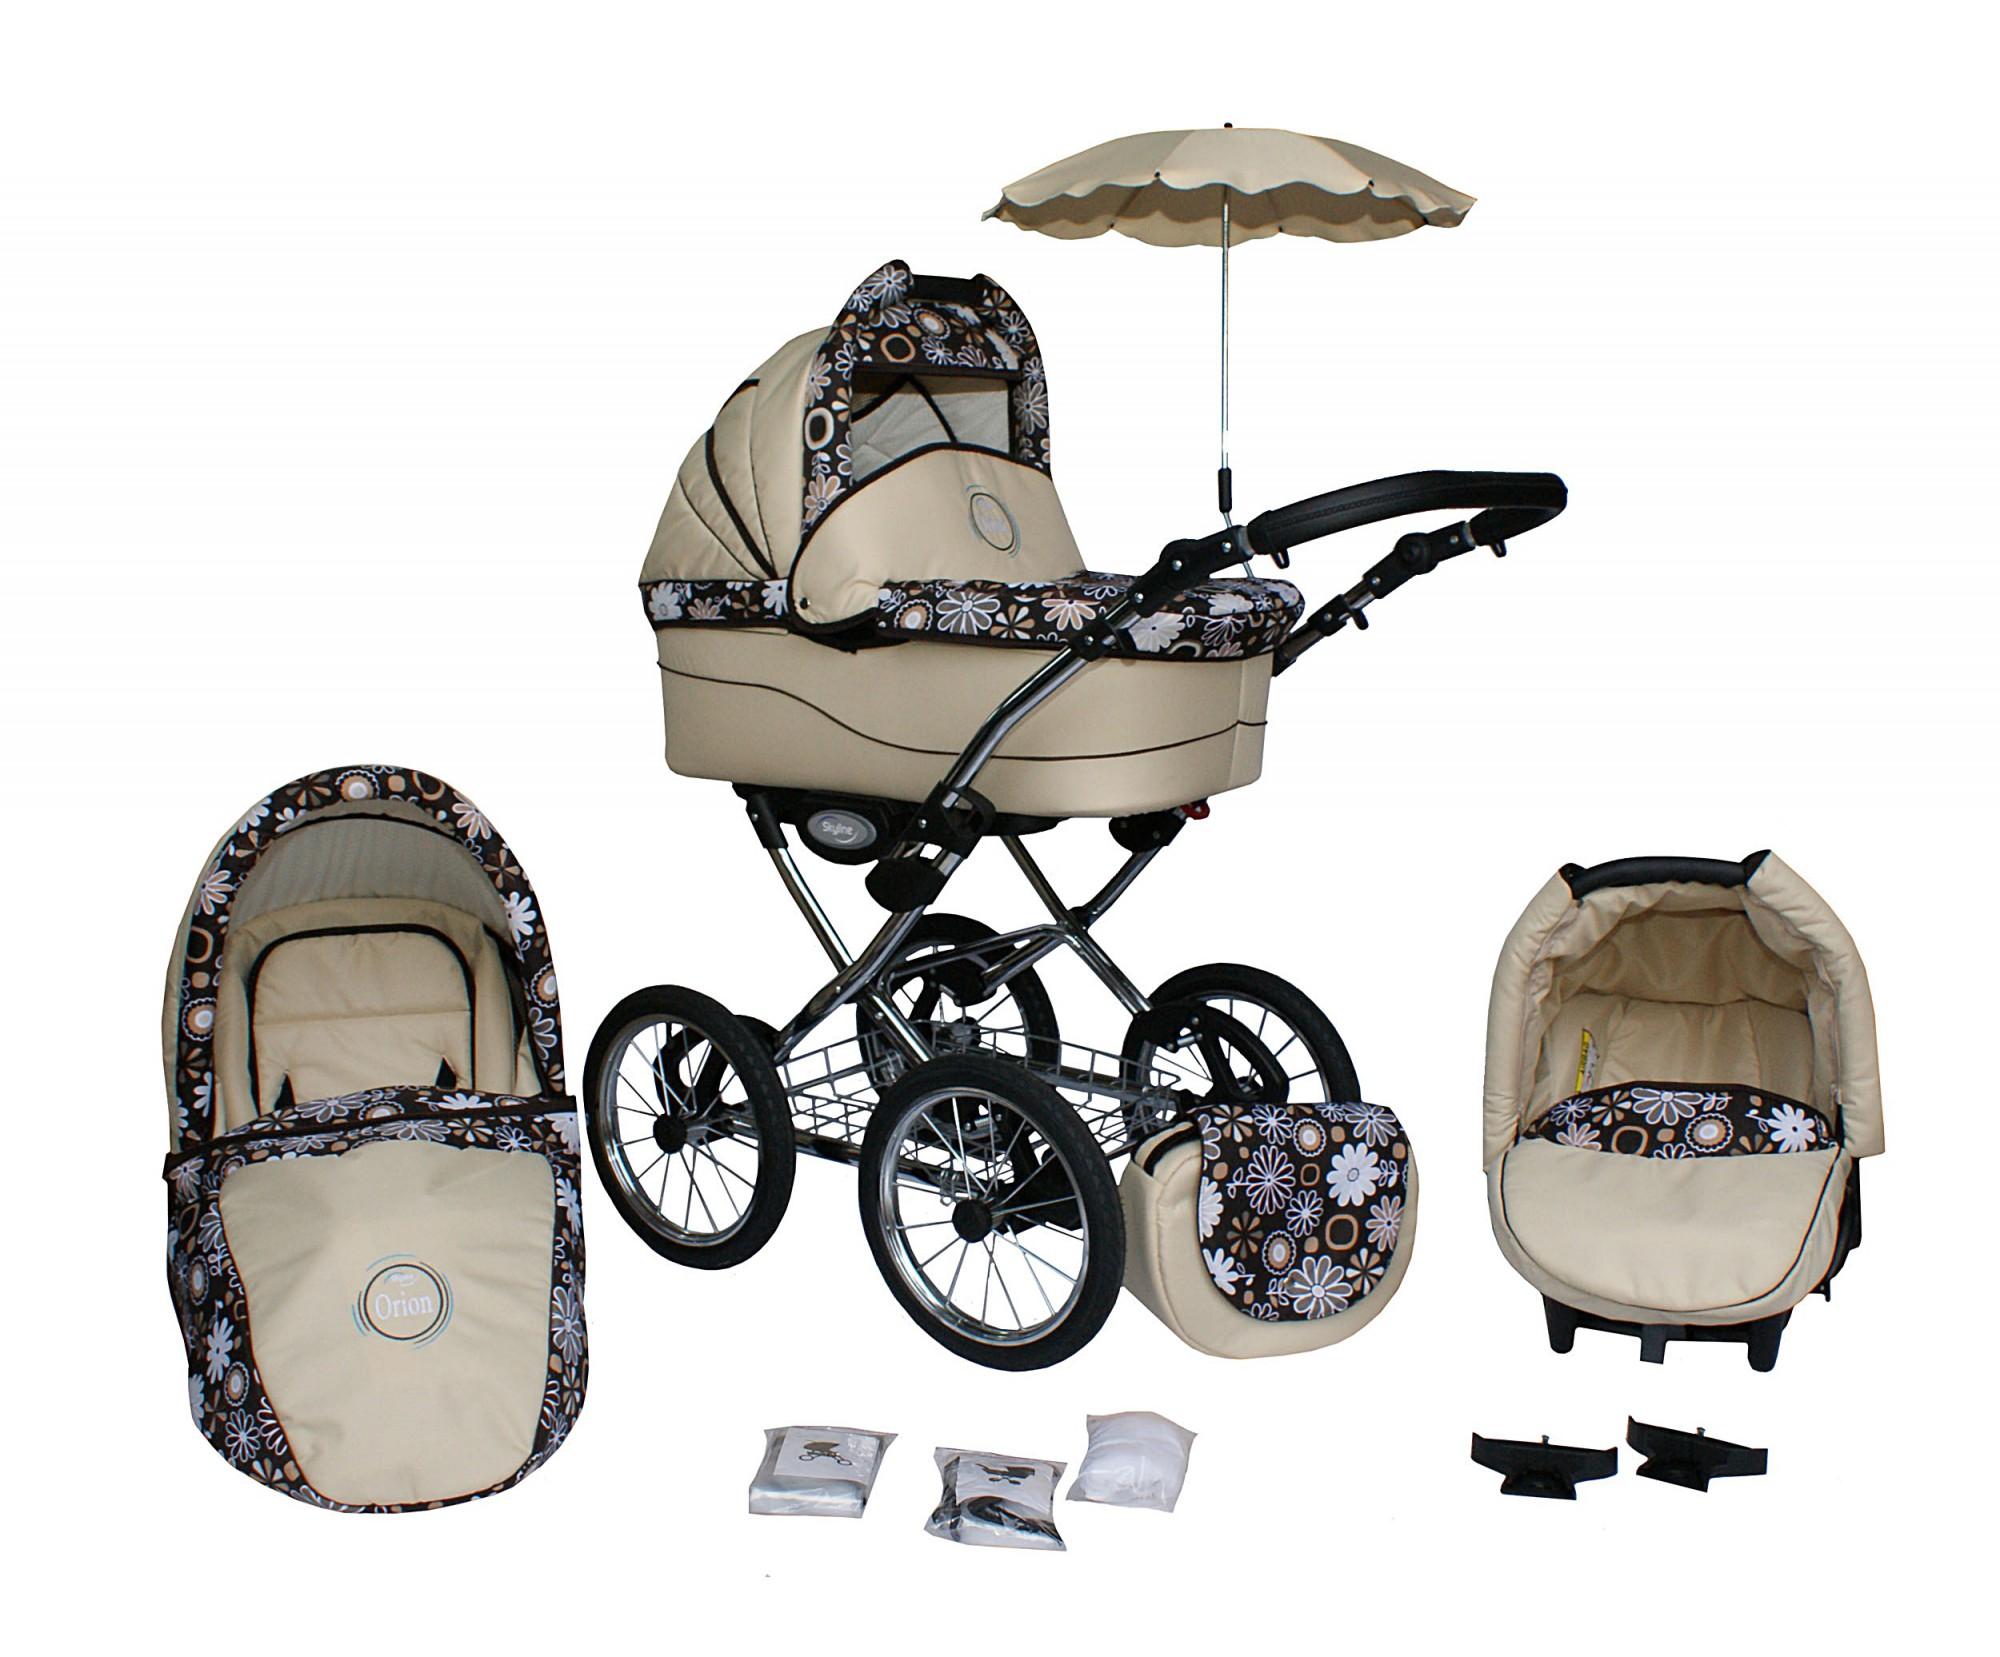 orion kombi kinderwagen sportwagen mit babyschale isofix geeignet und sonnenschirm. Black Bedroom Furniture Sets. Home Design Ideas